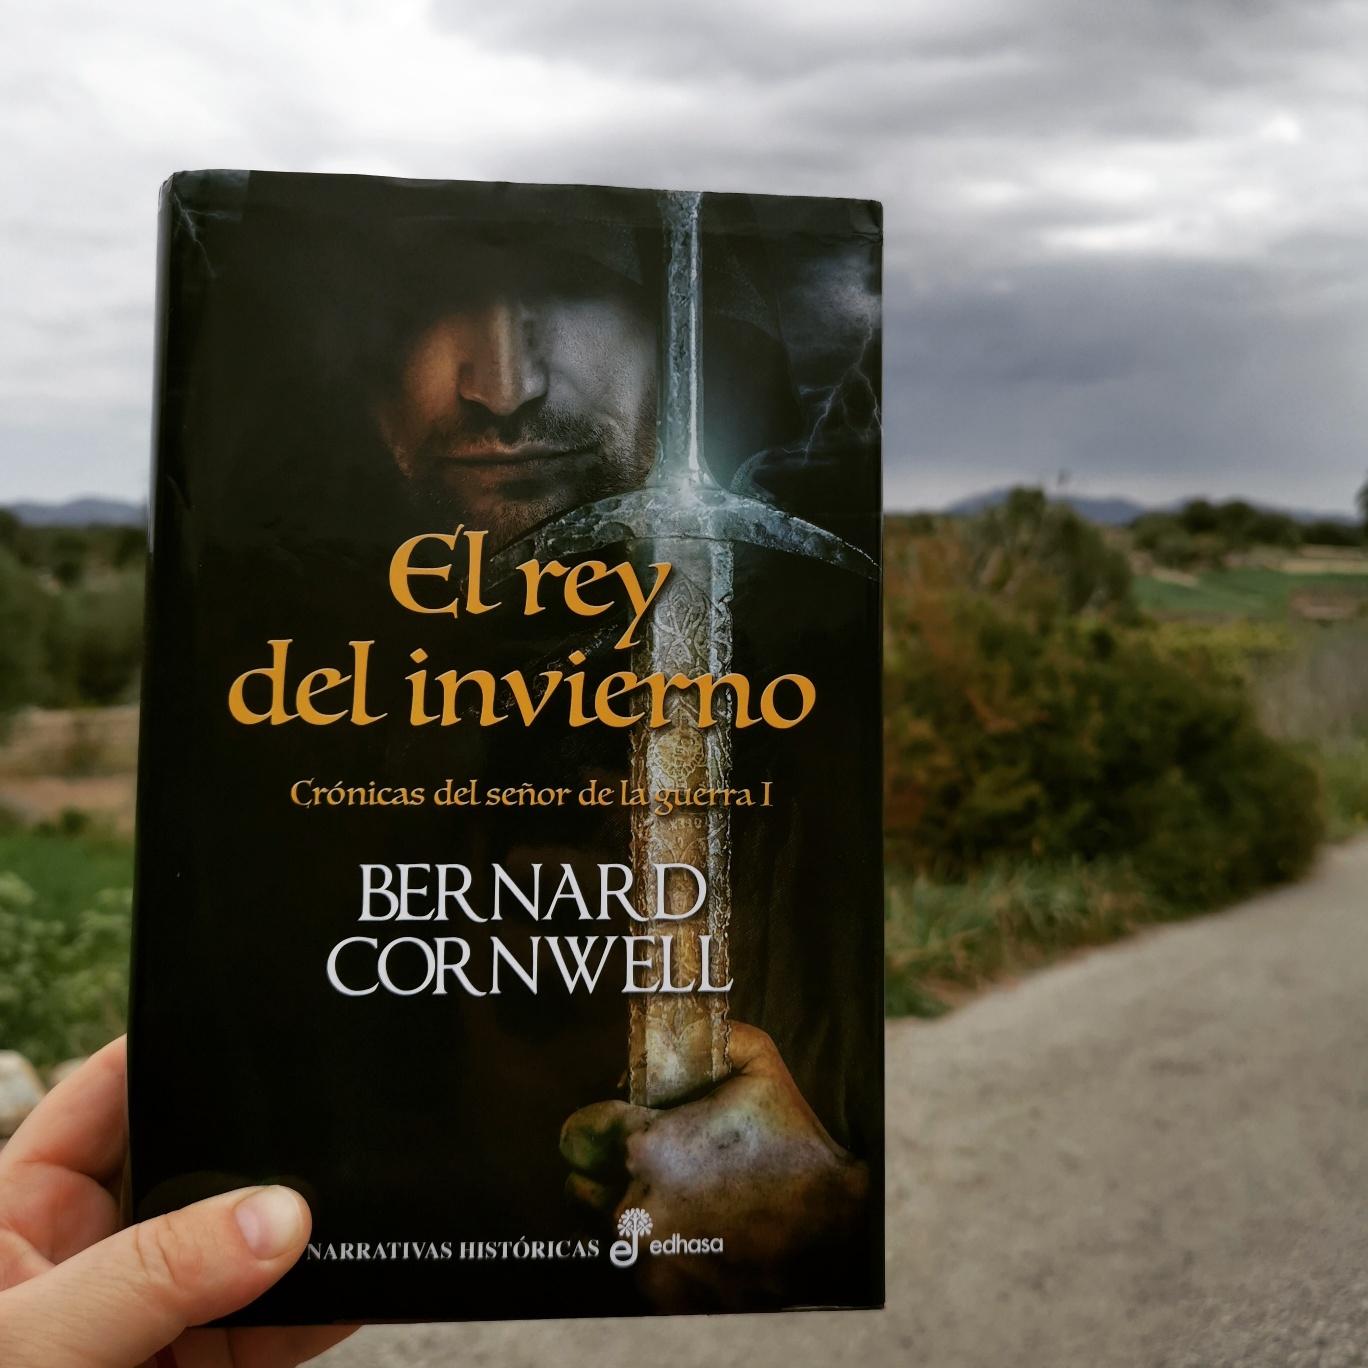 EL REY DEL INVIERNO